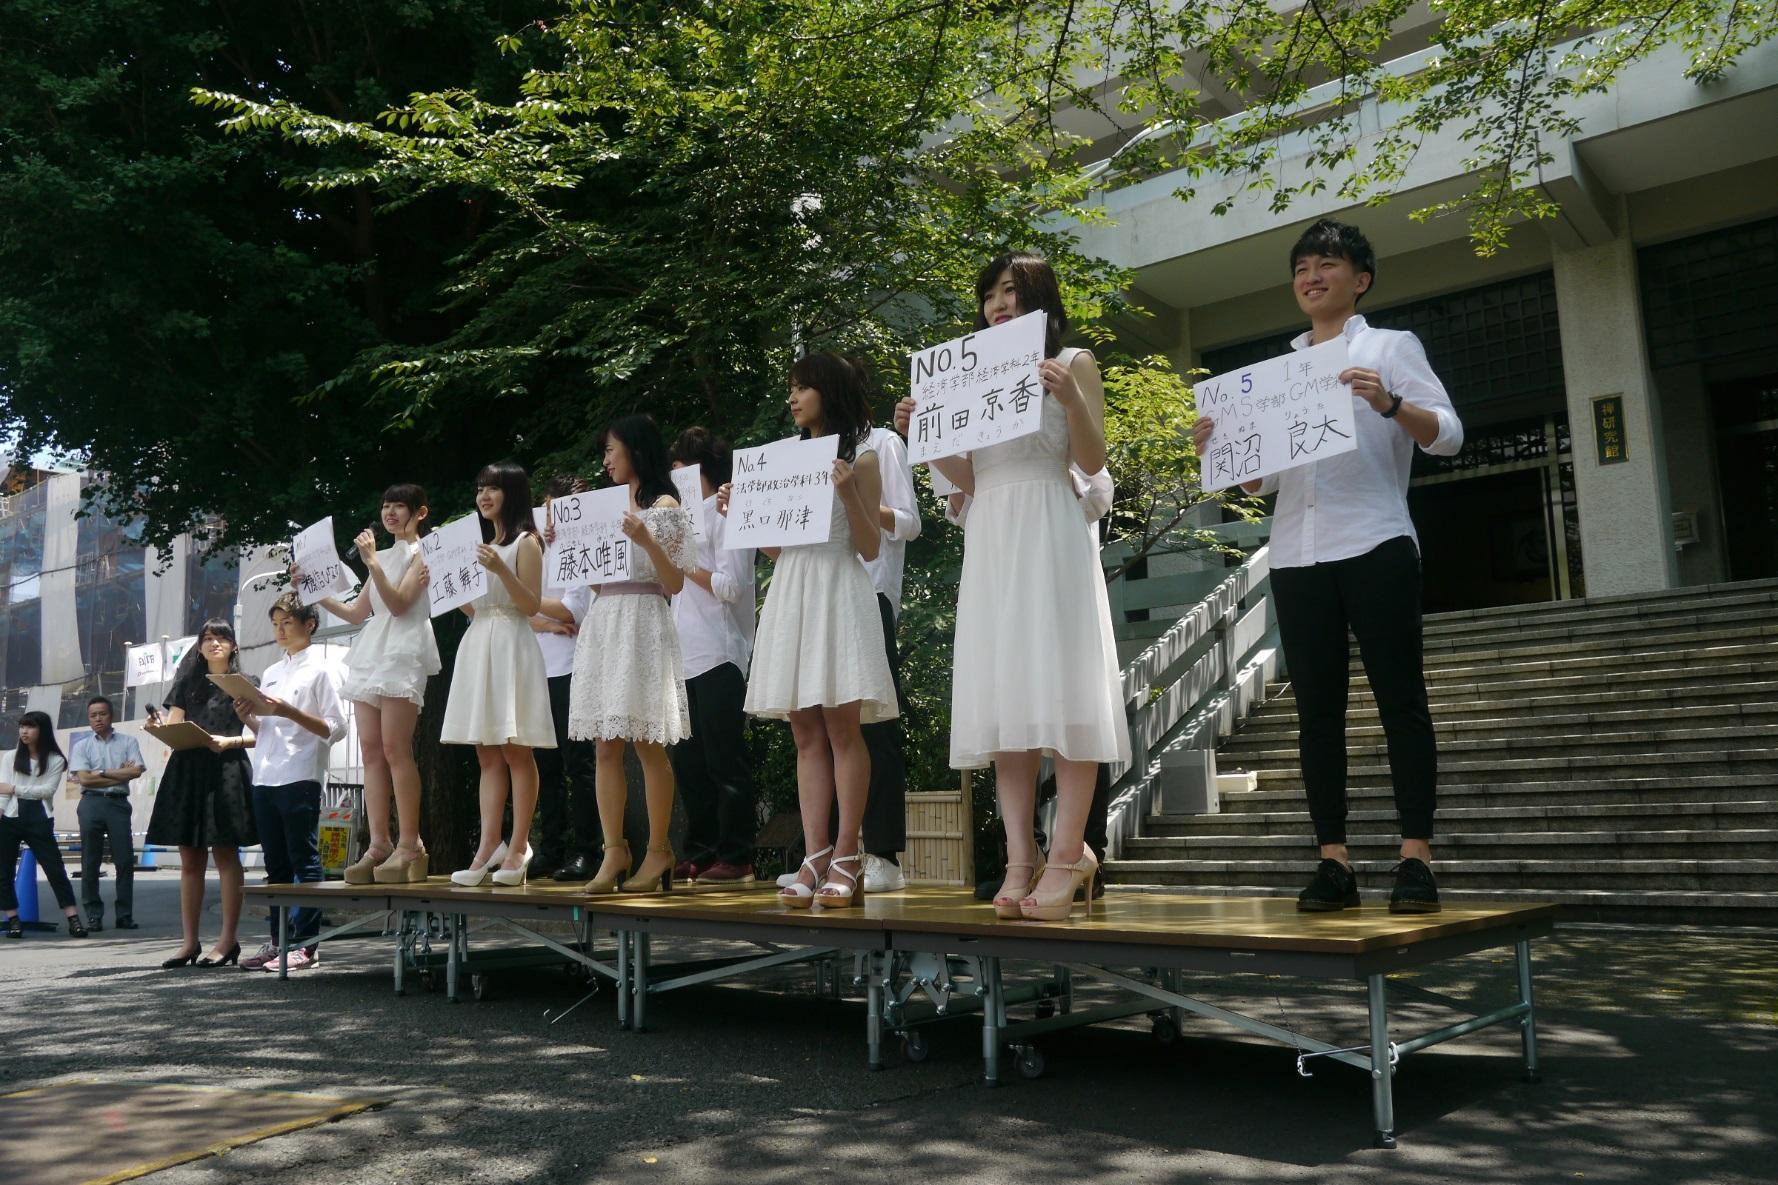 各大学のミスキャンパス集団「キャンパスラボ」が 「ミス・ミスター駒澤コンテスト2017」お披露目会をリポート